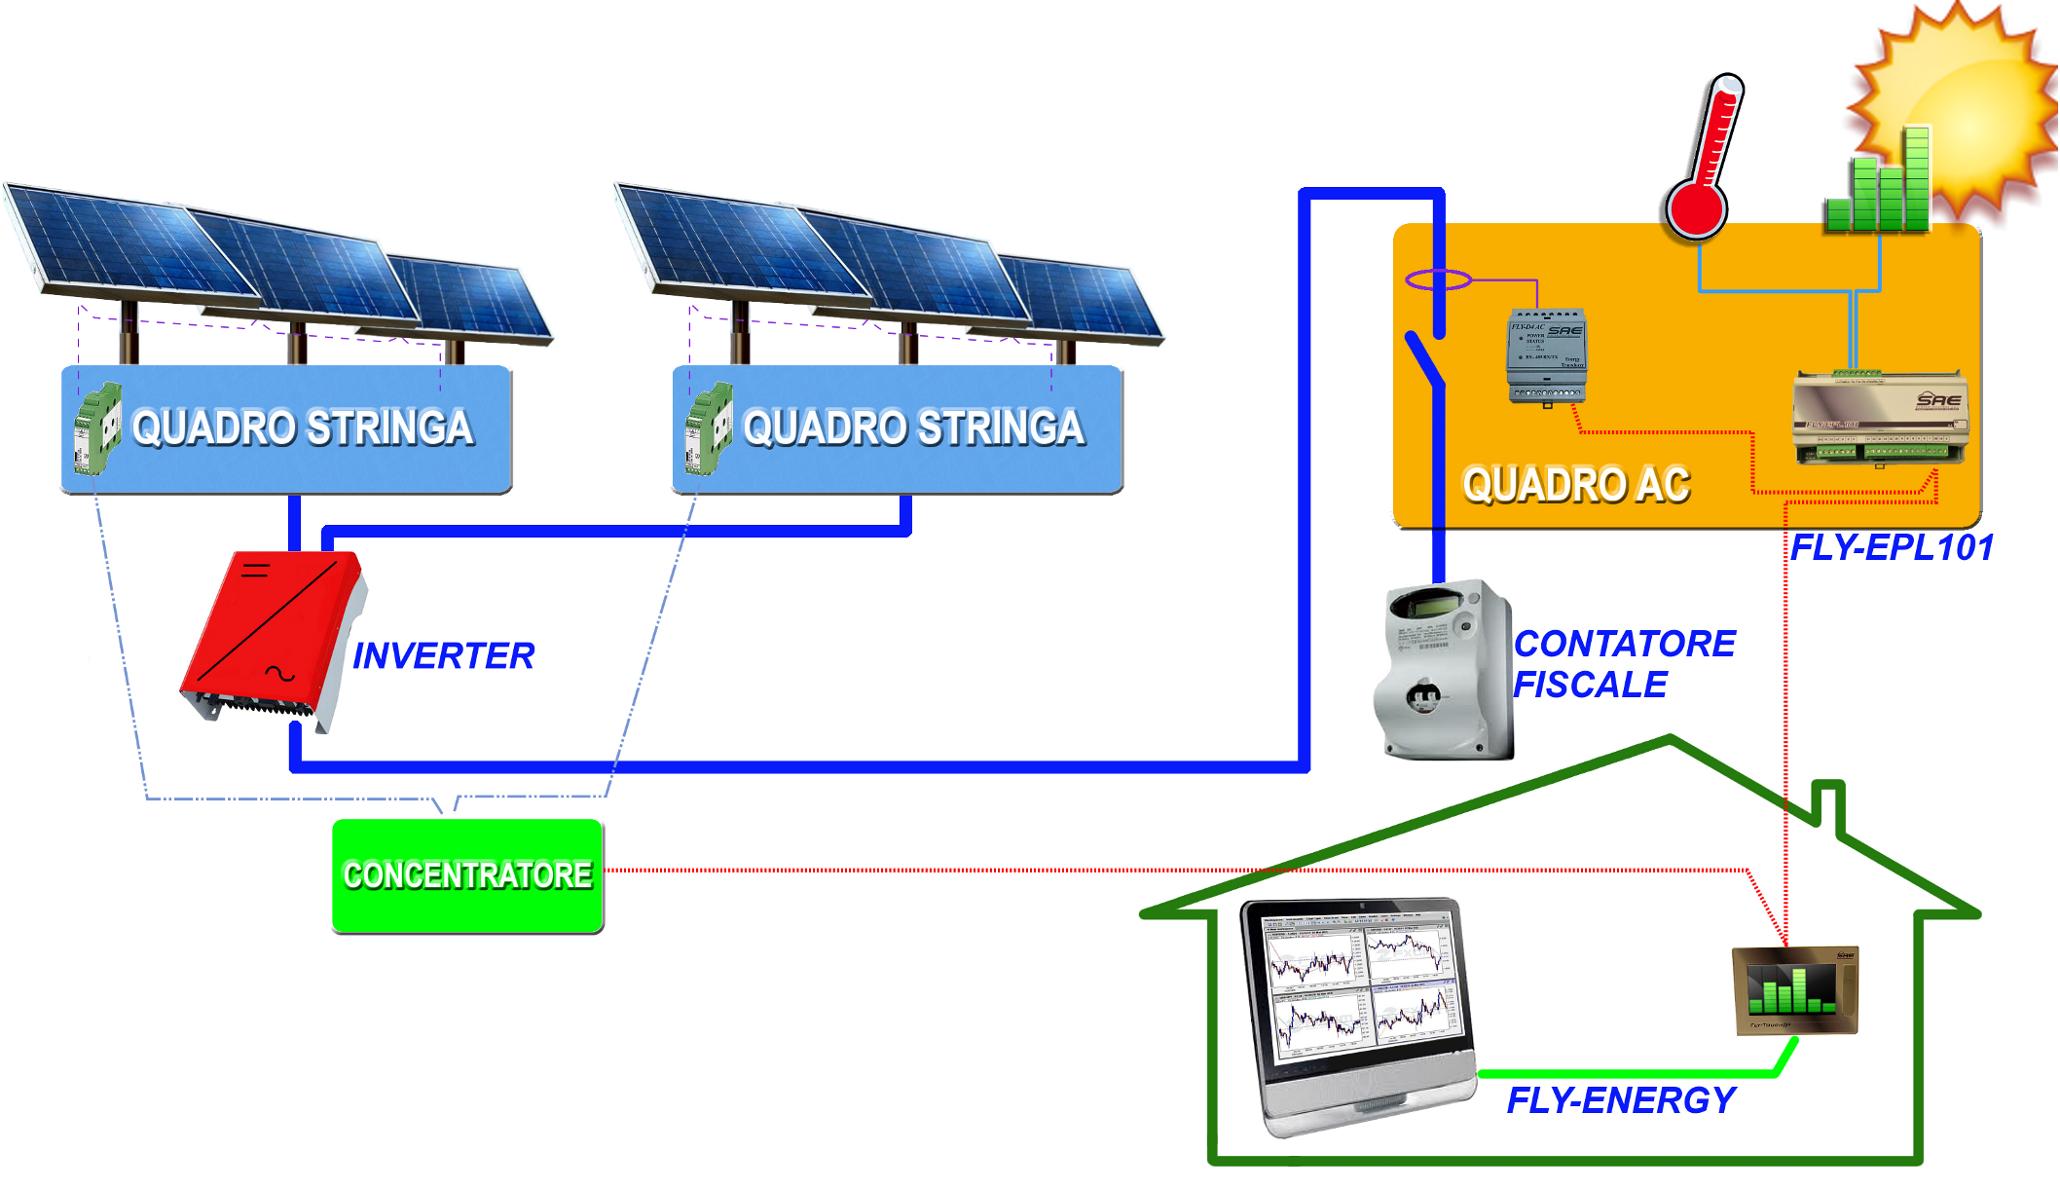 Schema Elettrico Quadro Di Stringa : Supervisione